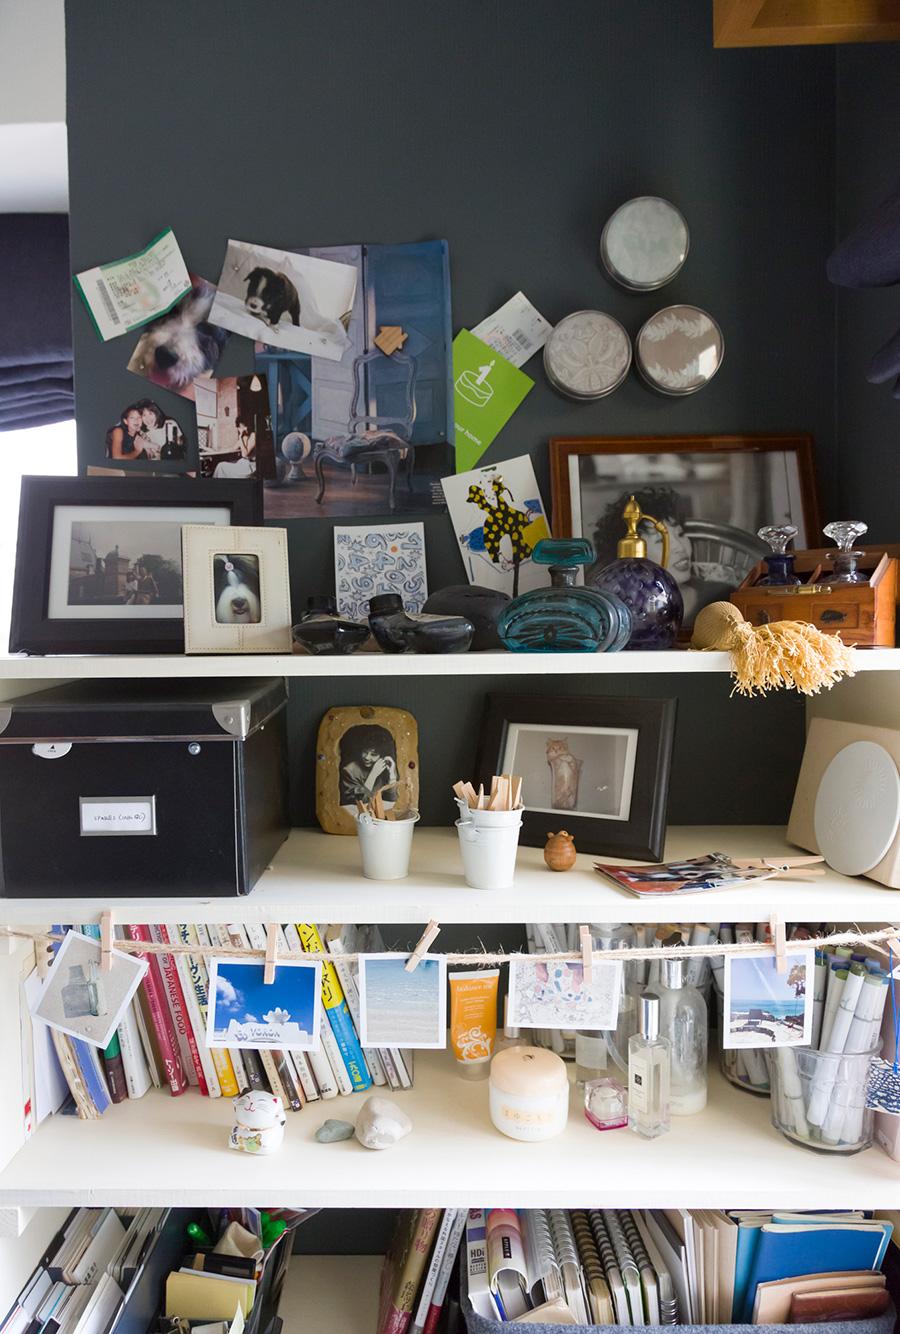 書斎の机の横は大切な思い出を並べたコーナーに。壁にはマグネットペイントを下地に塗っているので、活用度も高い。